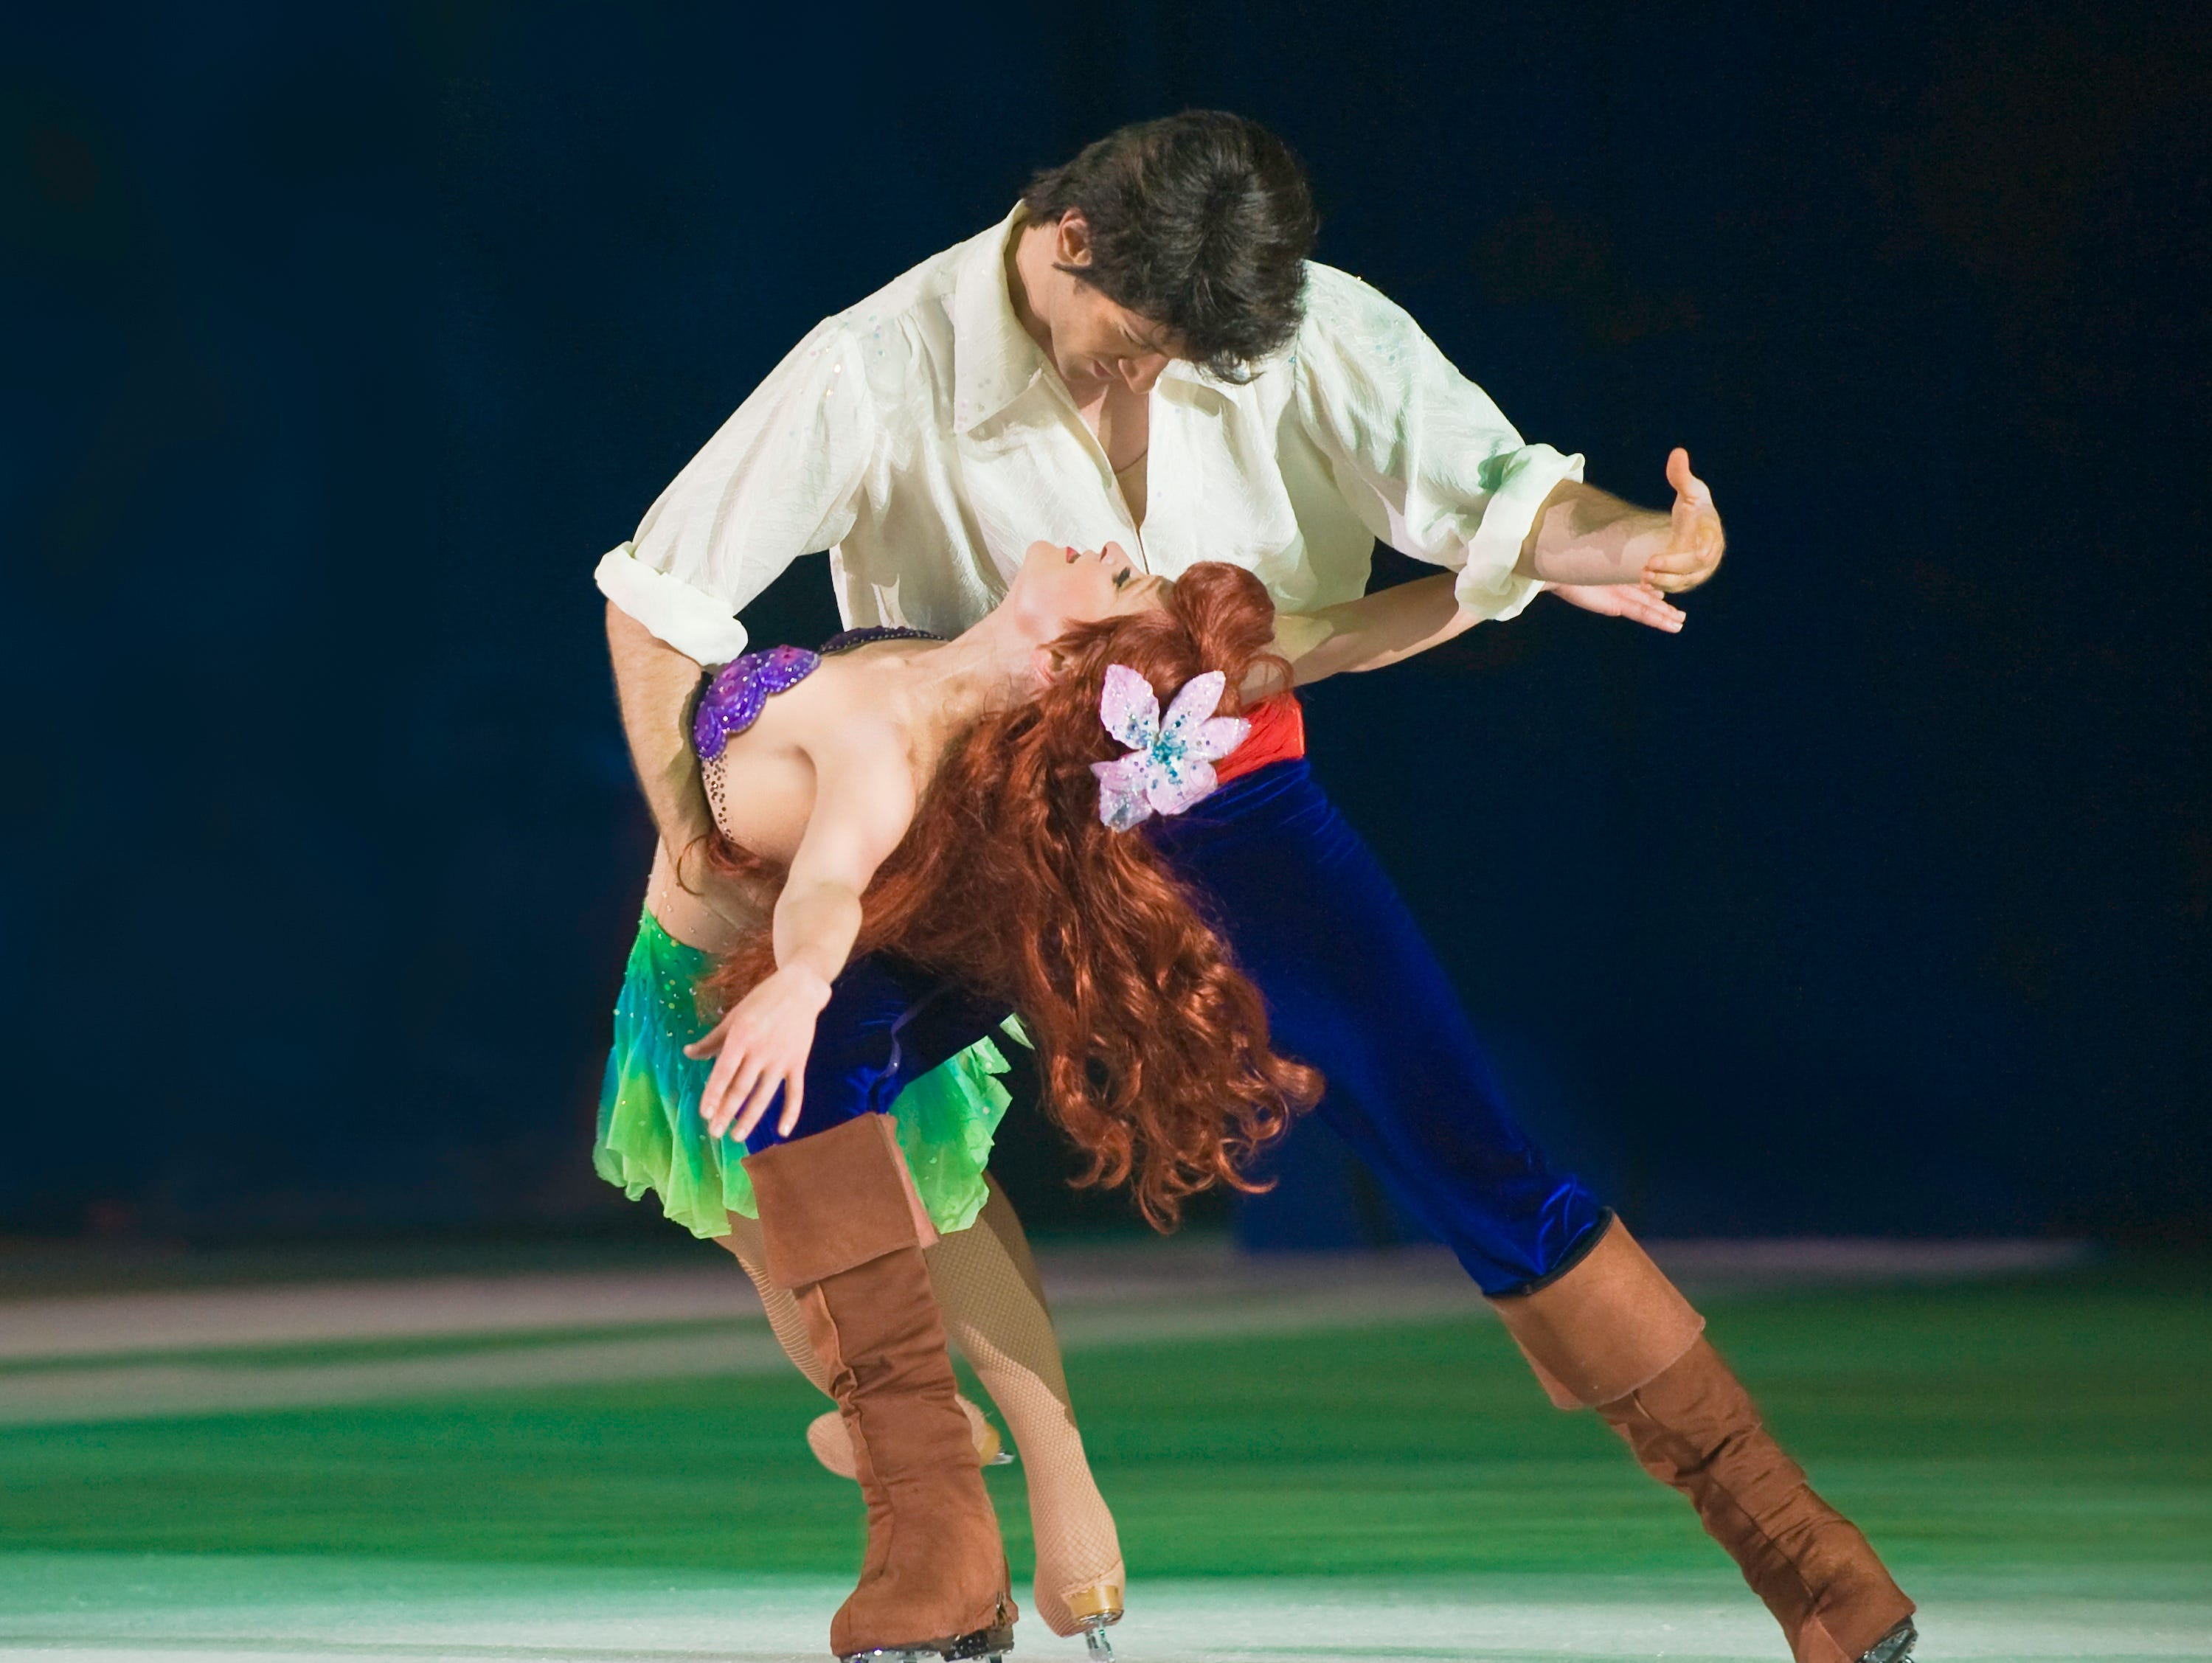 Sumérgete en una aventura con Ariel de The Little Mermaid de Disney y explora con ella su reino bajo el mar.